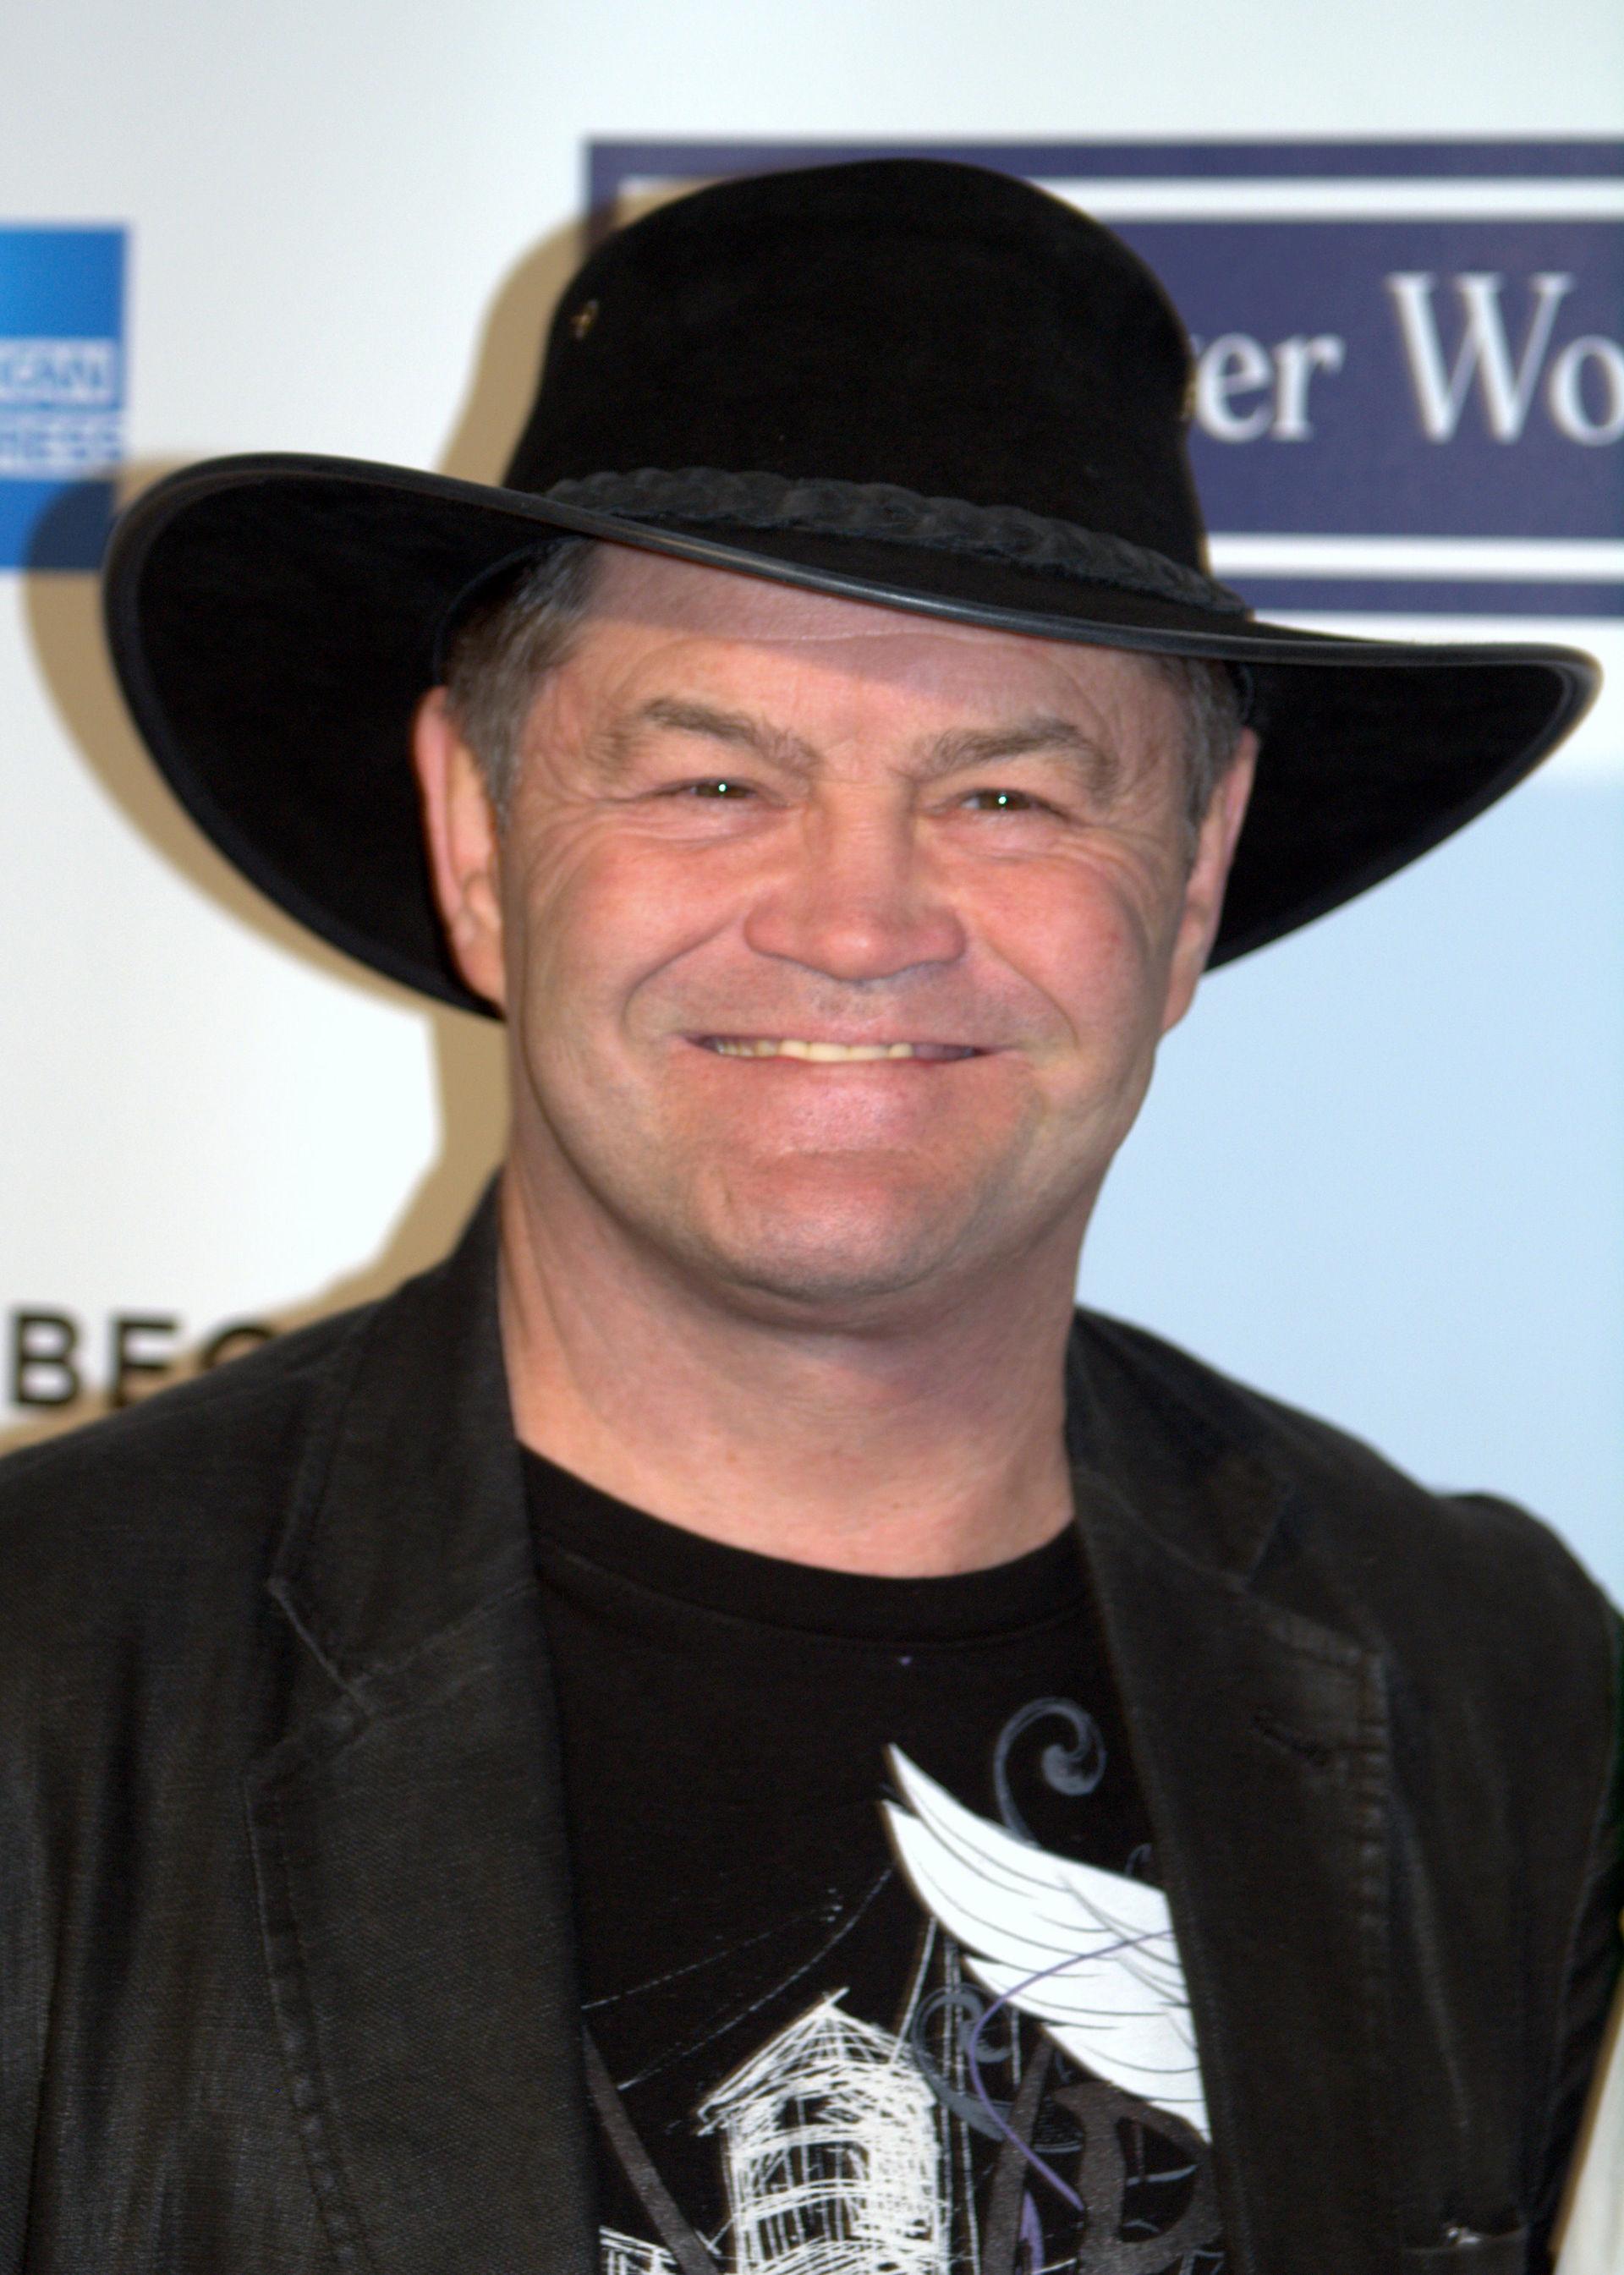 Micky Dolenz Wikipedia